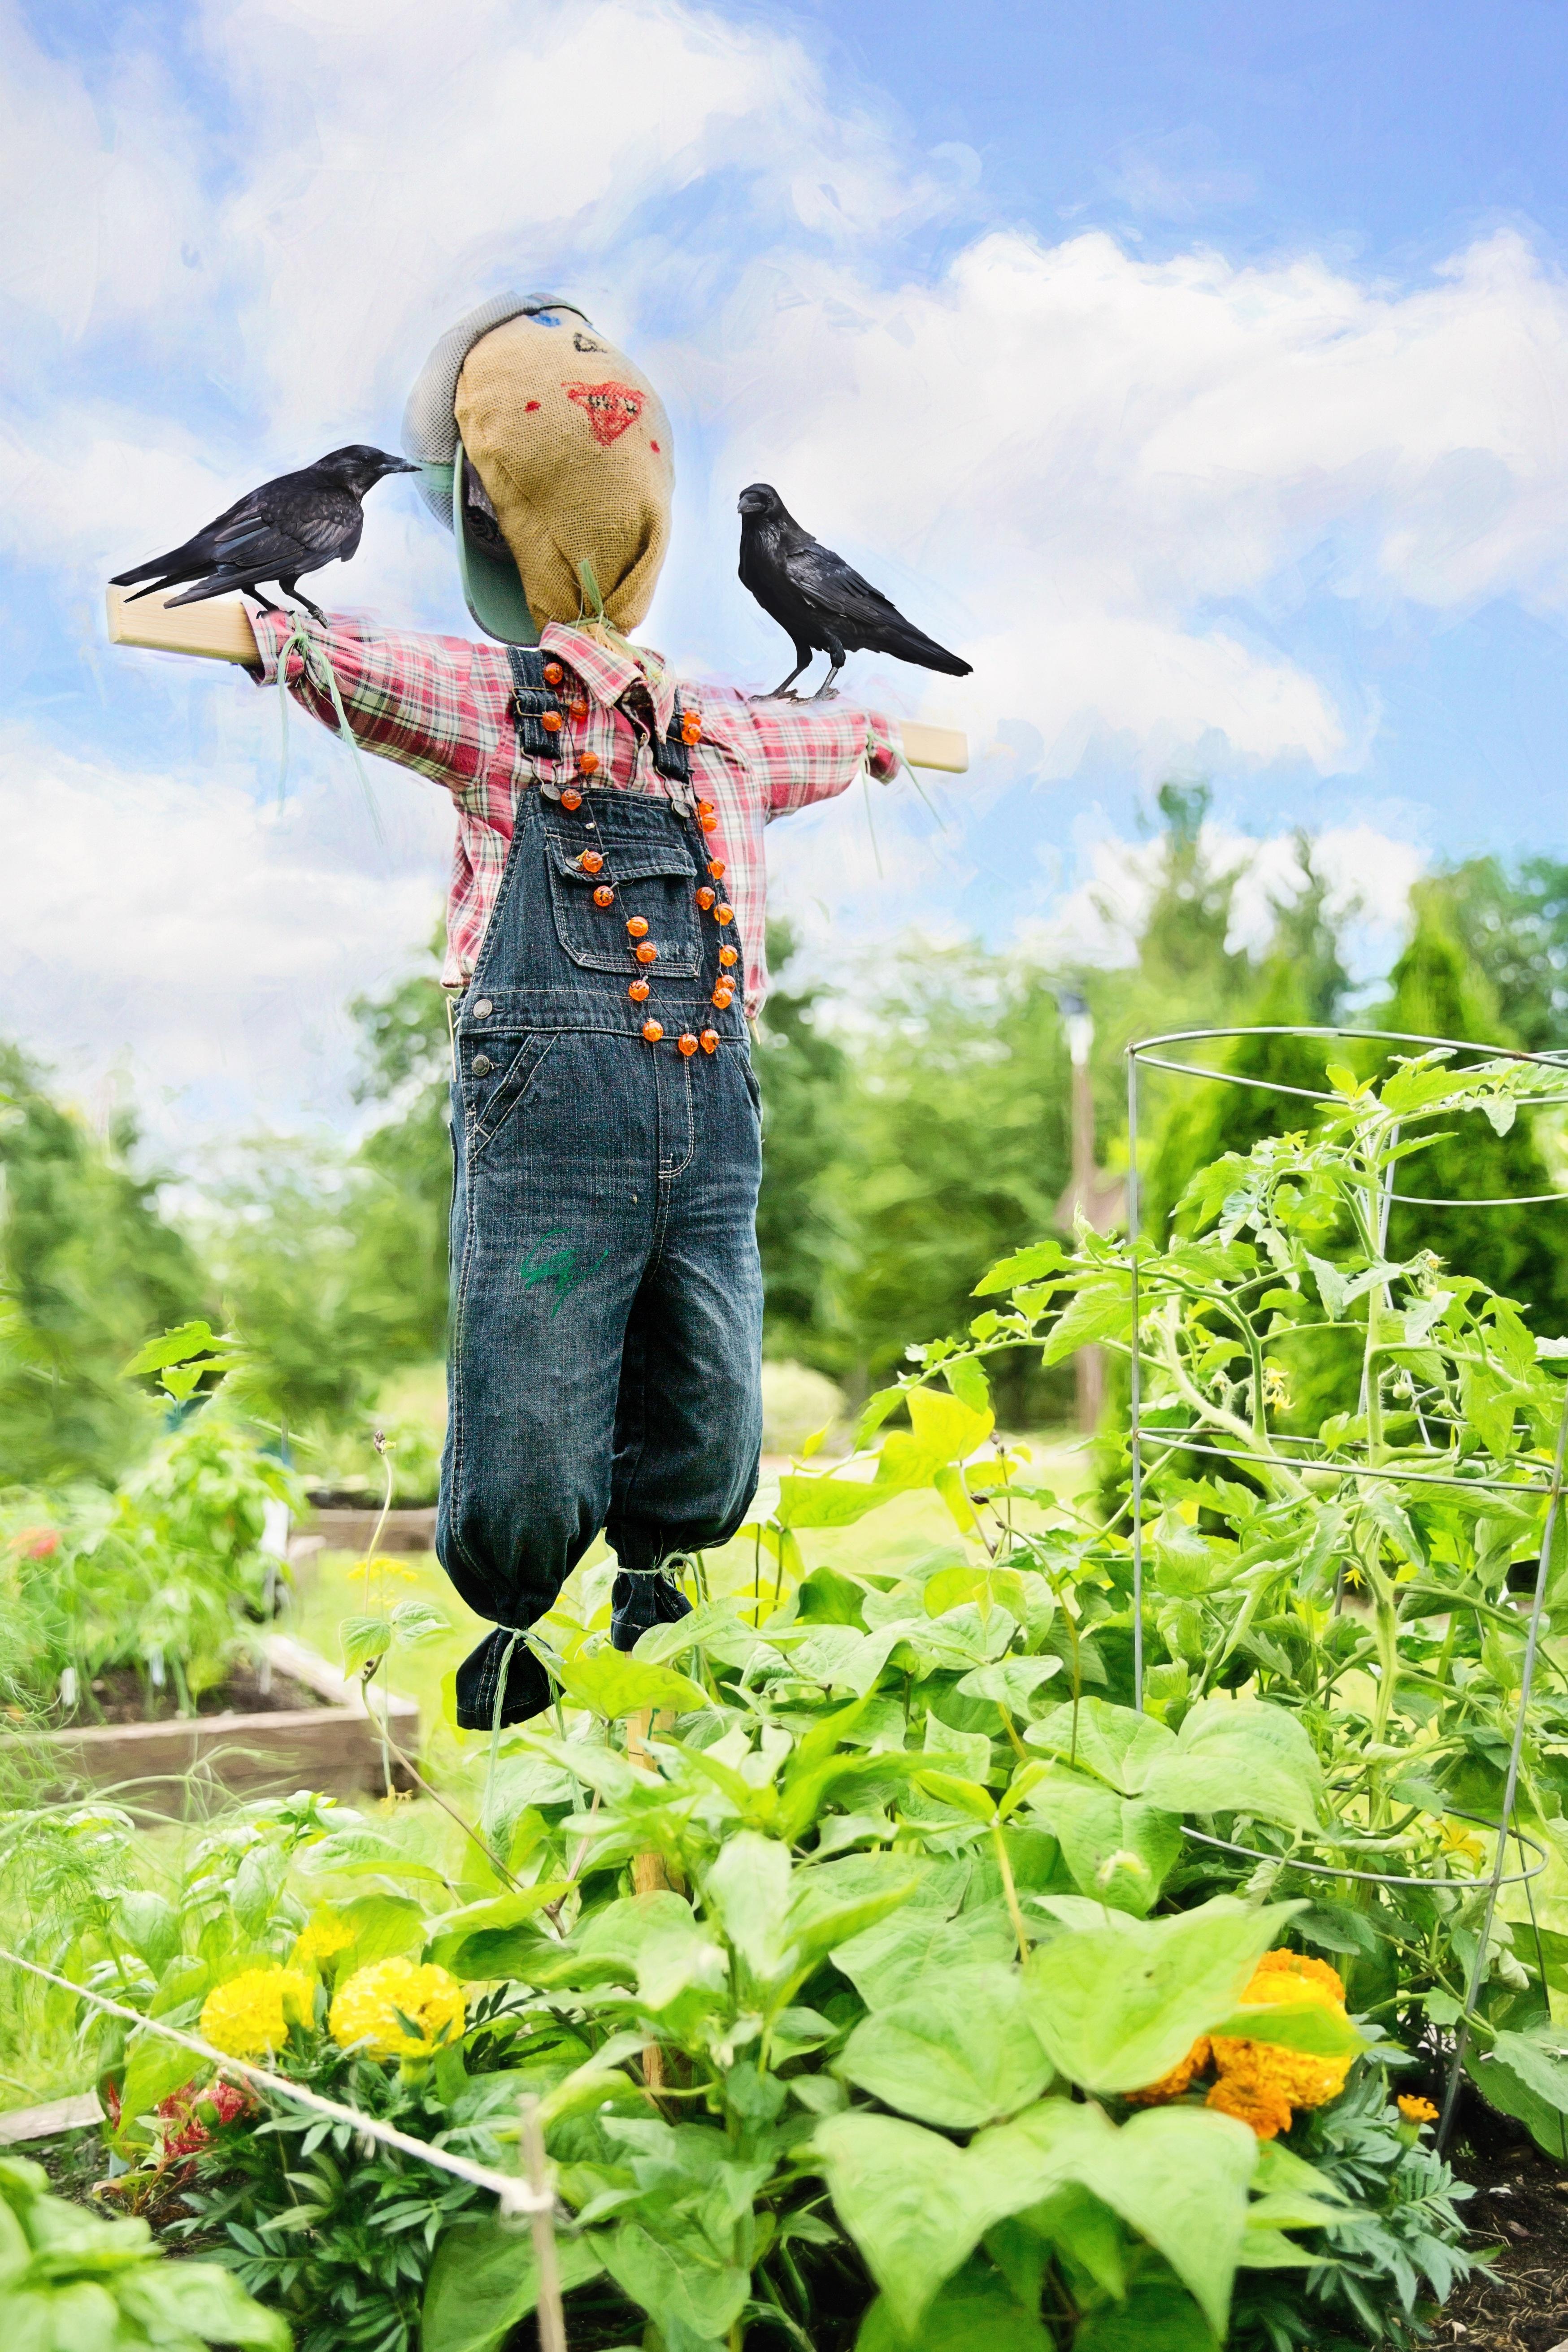 Gambar Bunga Musim Panas Dekorasi Pertanian Taman Berkebun Tanaman Lucu Menakut Nakuti Burung Gagak 3497x5246 564441 Galeri Foto Pxhere